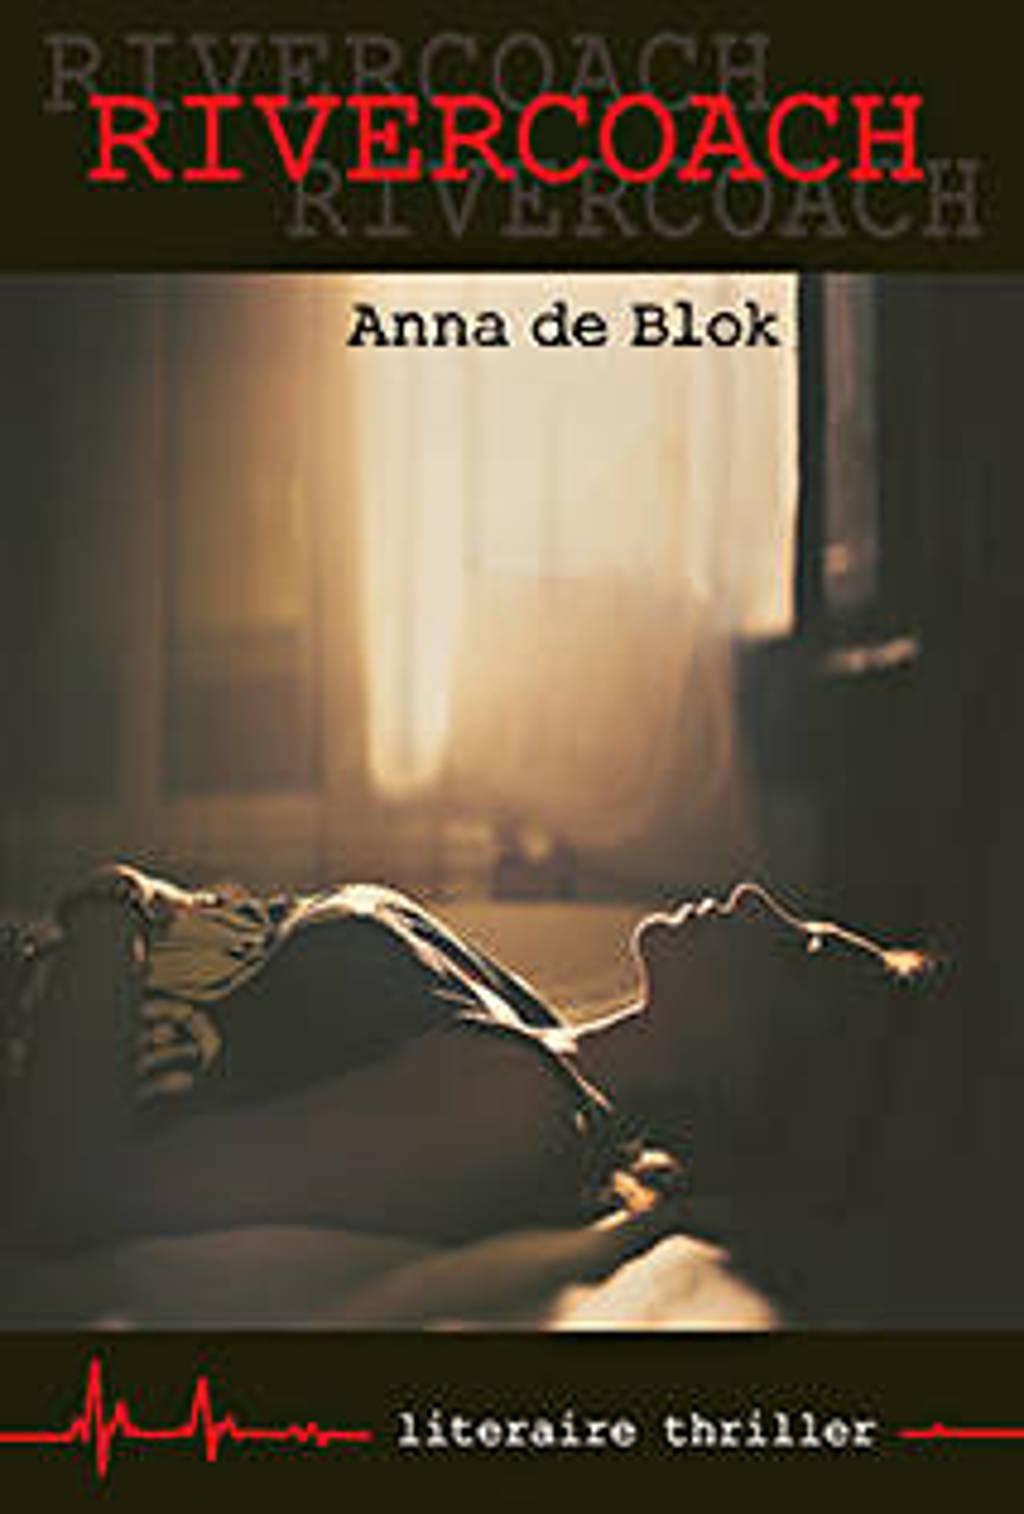 Rivercoach - Anna de Blok